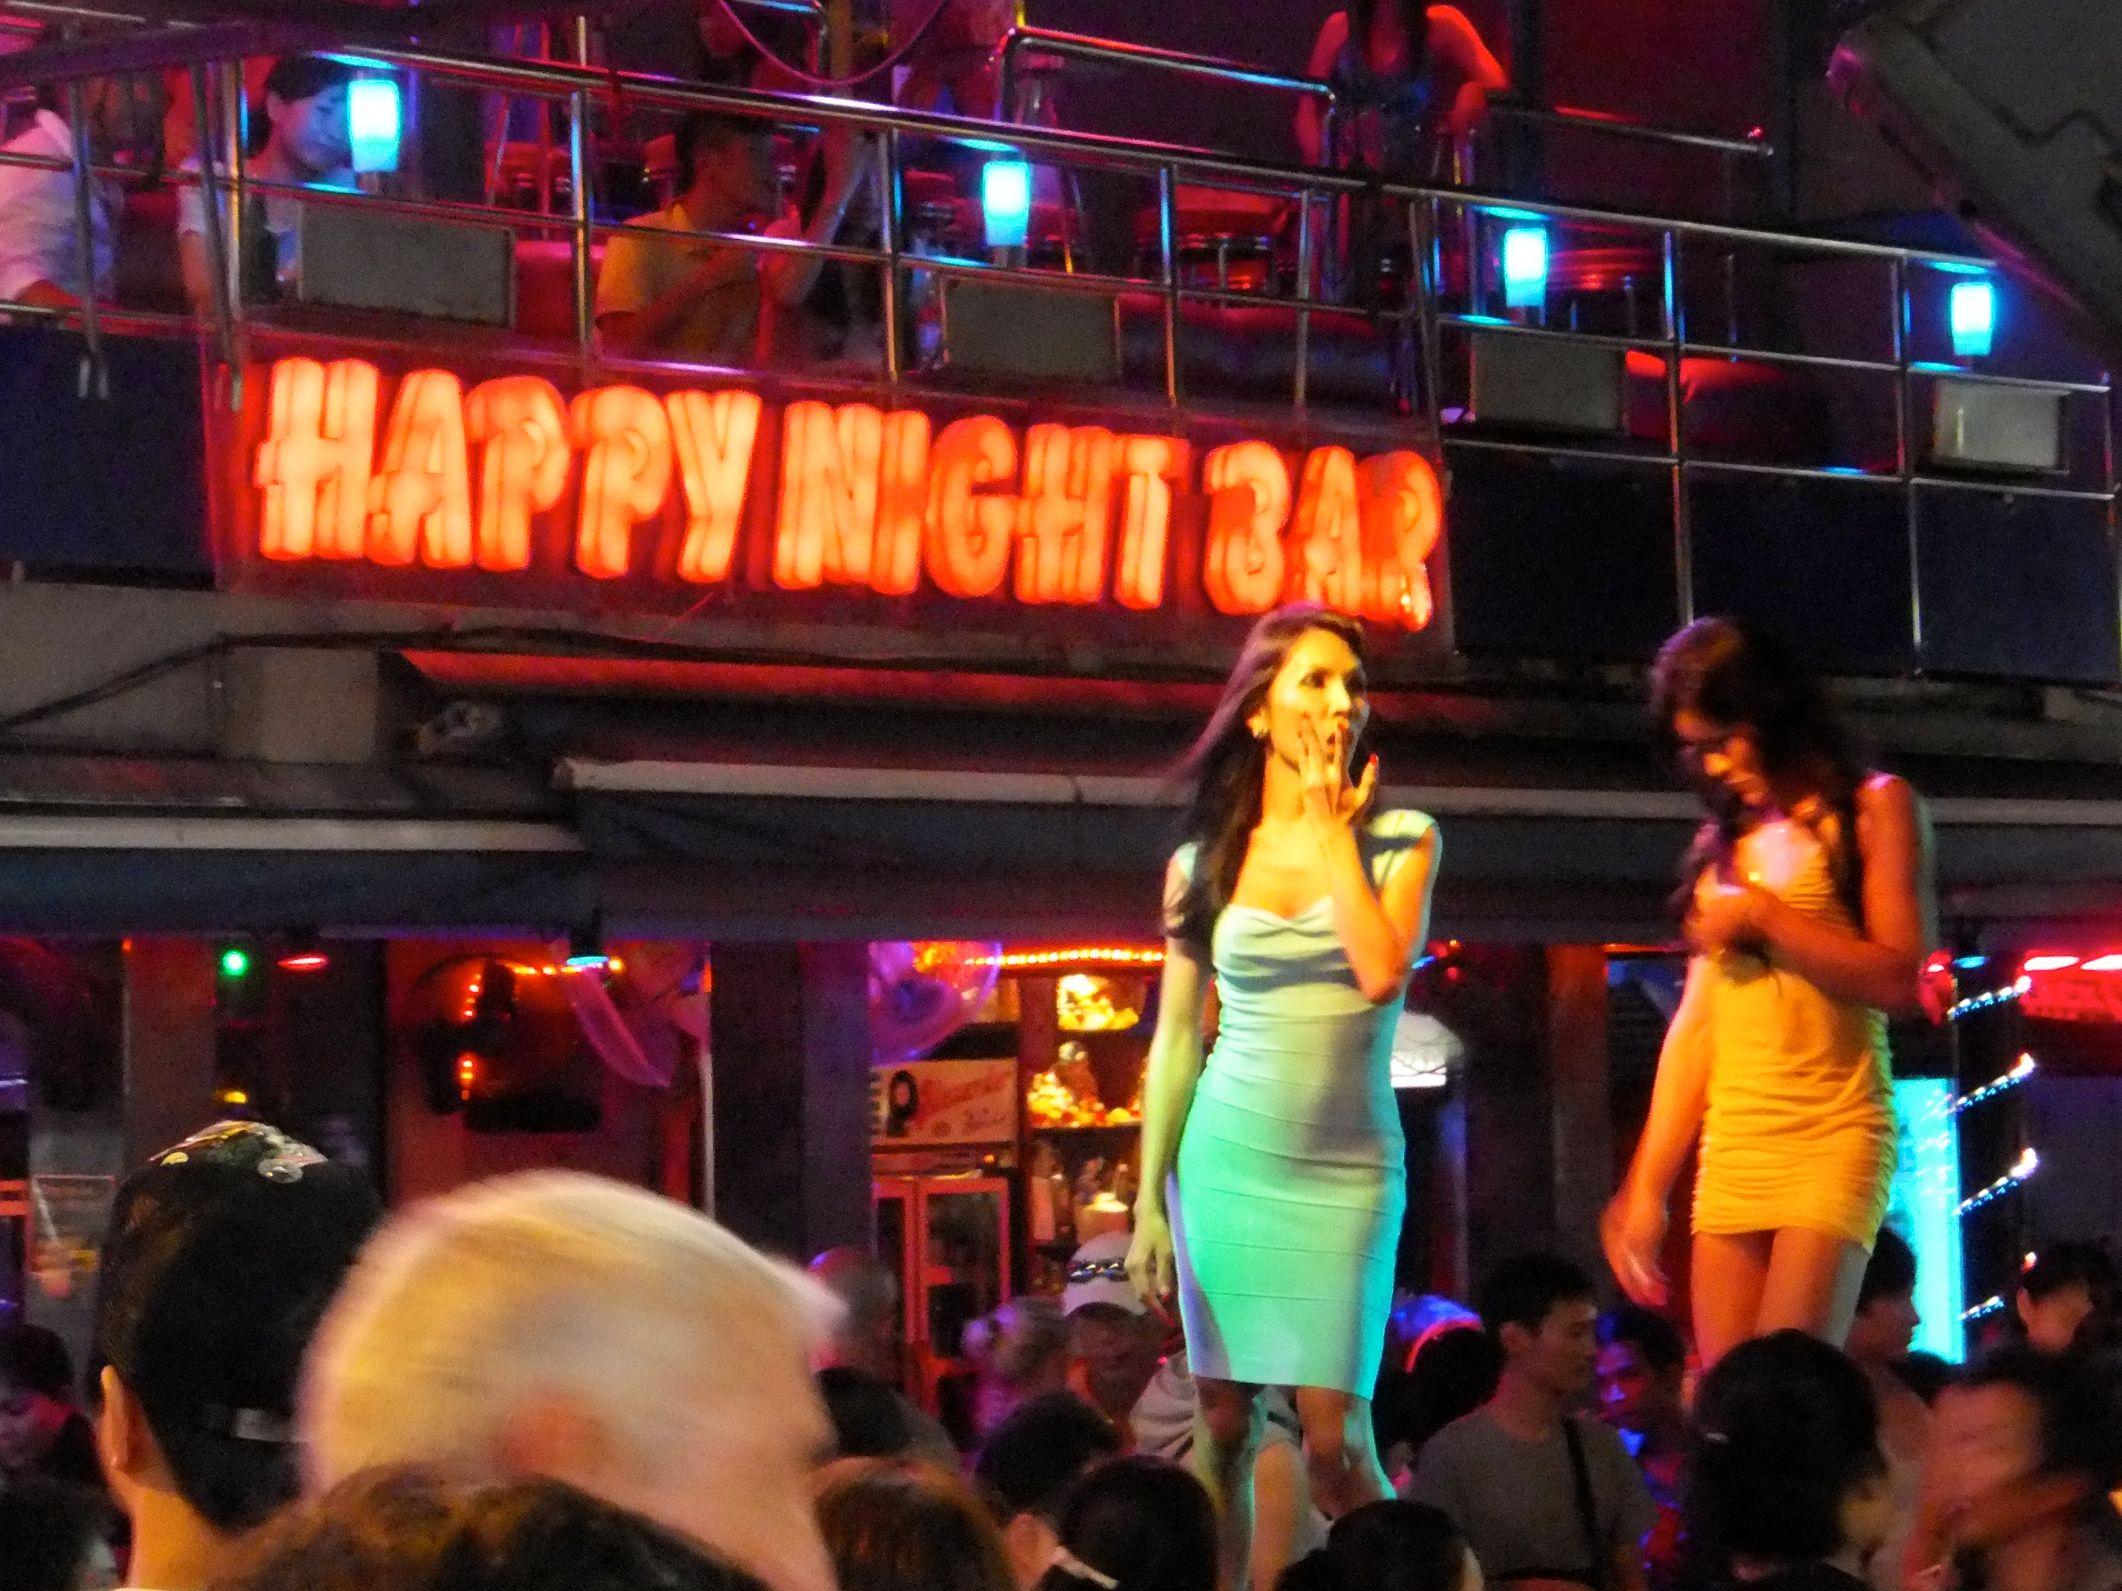 Happy (End) Nightbar – Ping Pong Phuket